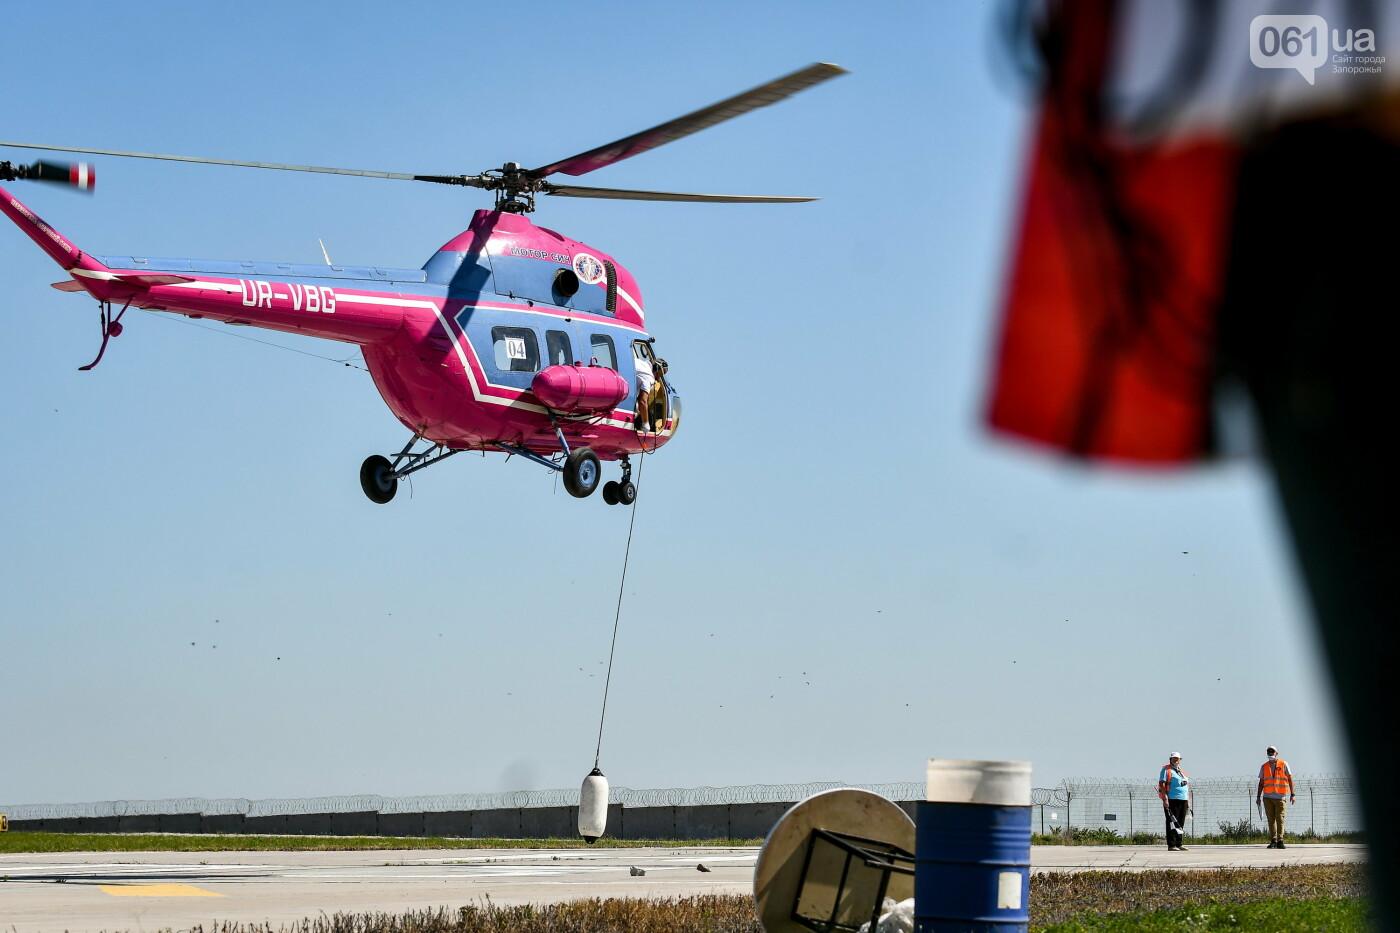 В Запорожье проходят соревнования по вертолетному спорту, - ФОТОРЕПОРТАЖ, фото-13